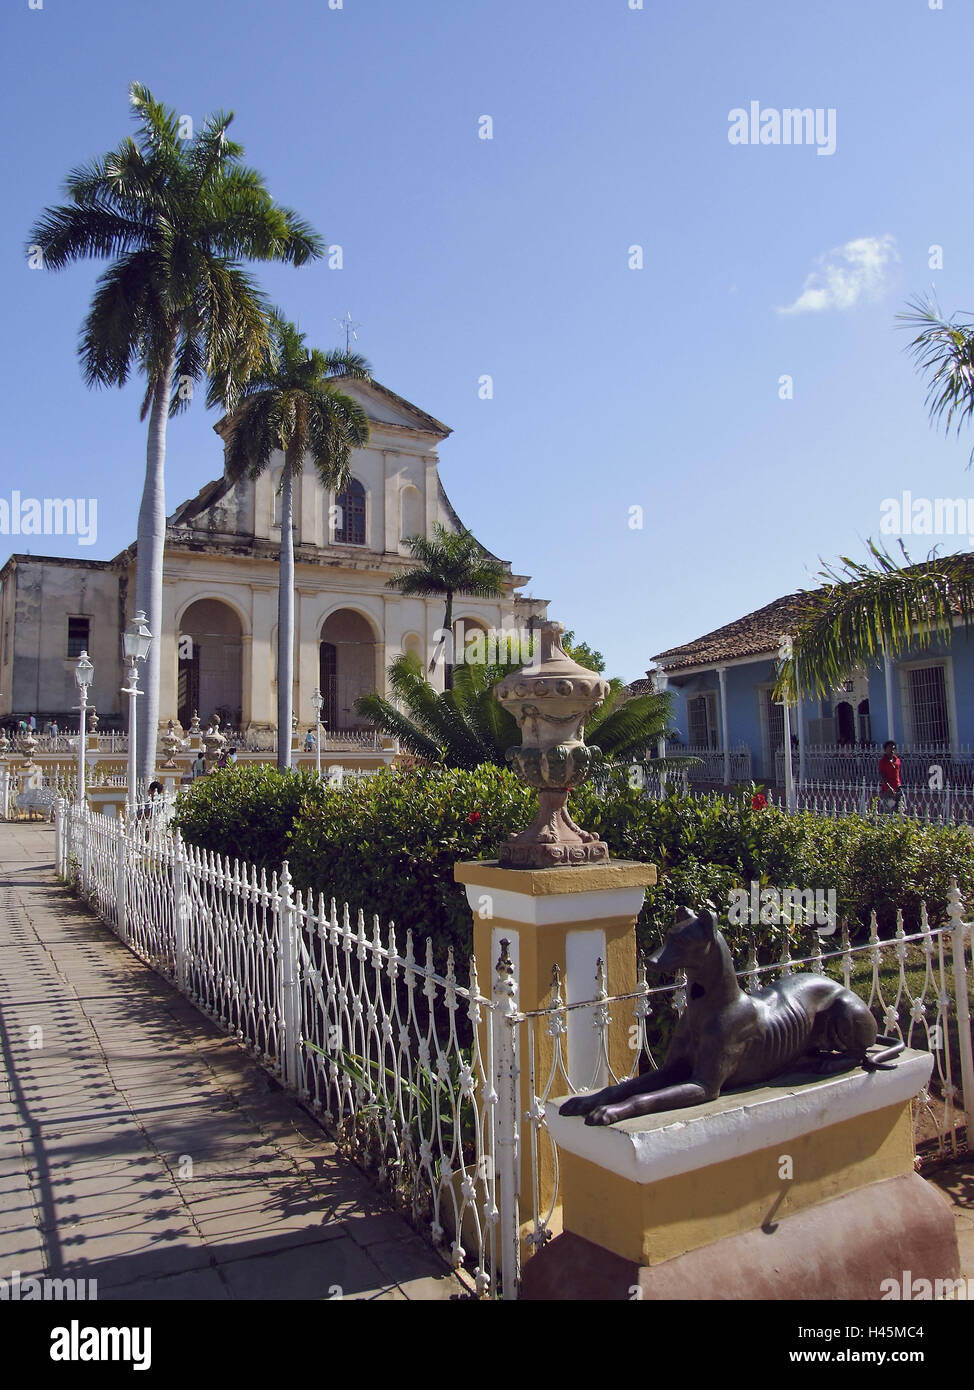 Plaza Mayor, Church, Iglesia Parroquial de, la Santisima Trinidad, Trinidad, Cuba, holiday destination, destination, - Stock Image